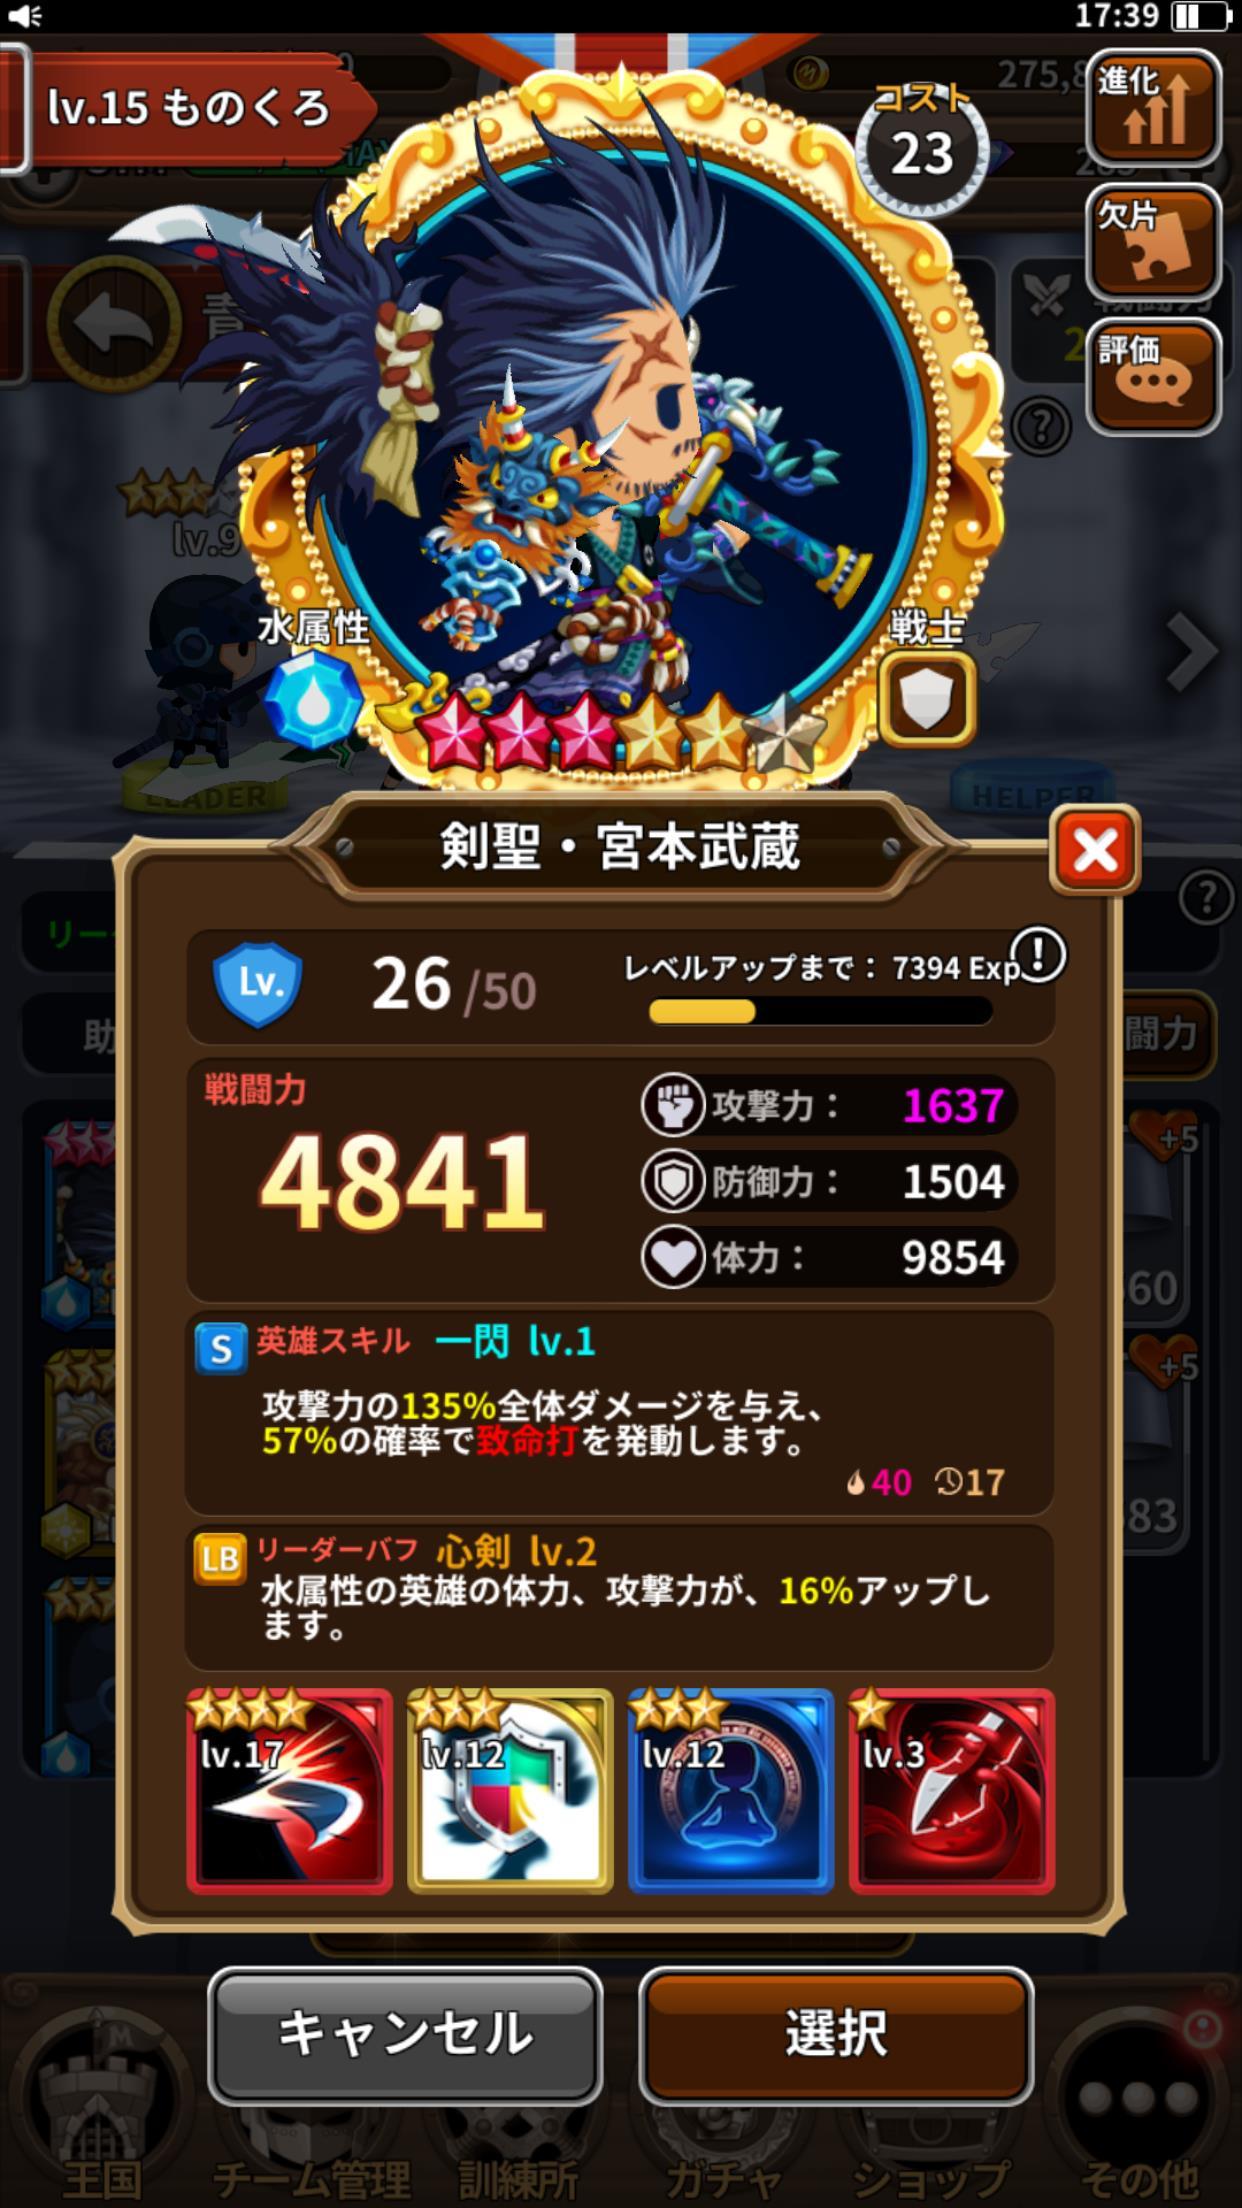 「メダルヒーローズ」のキャラクター「剣聖・宮本武蔵」